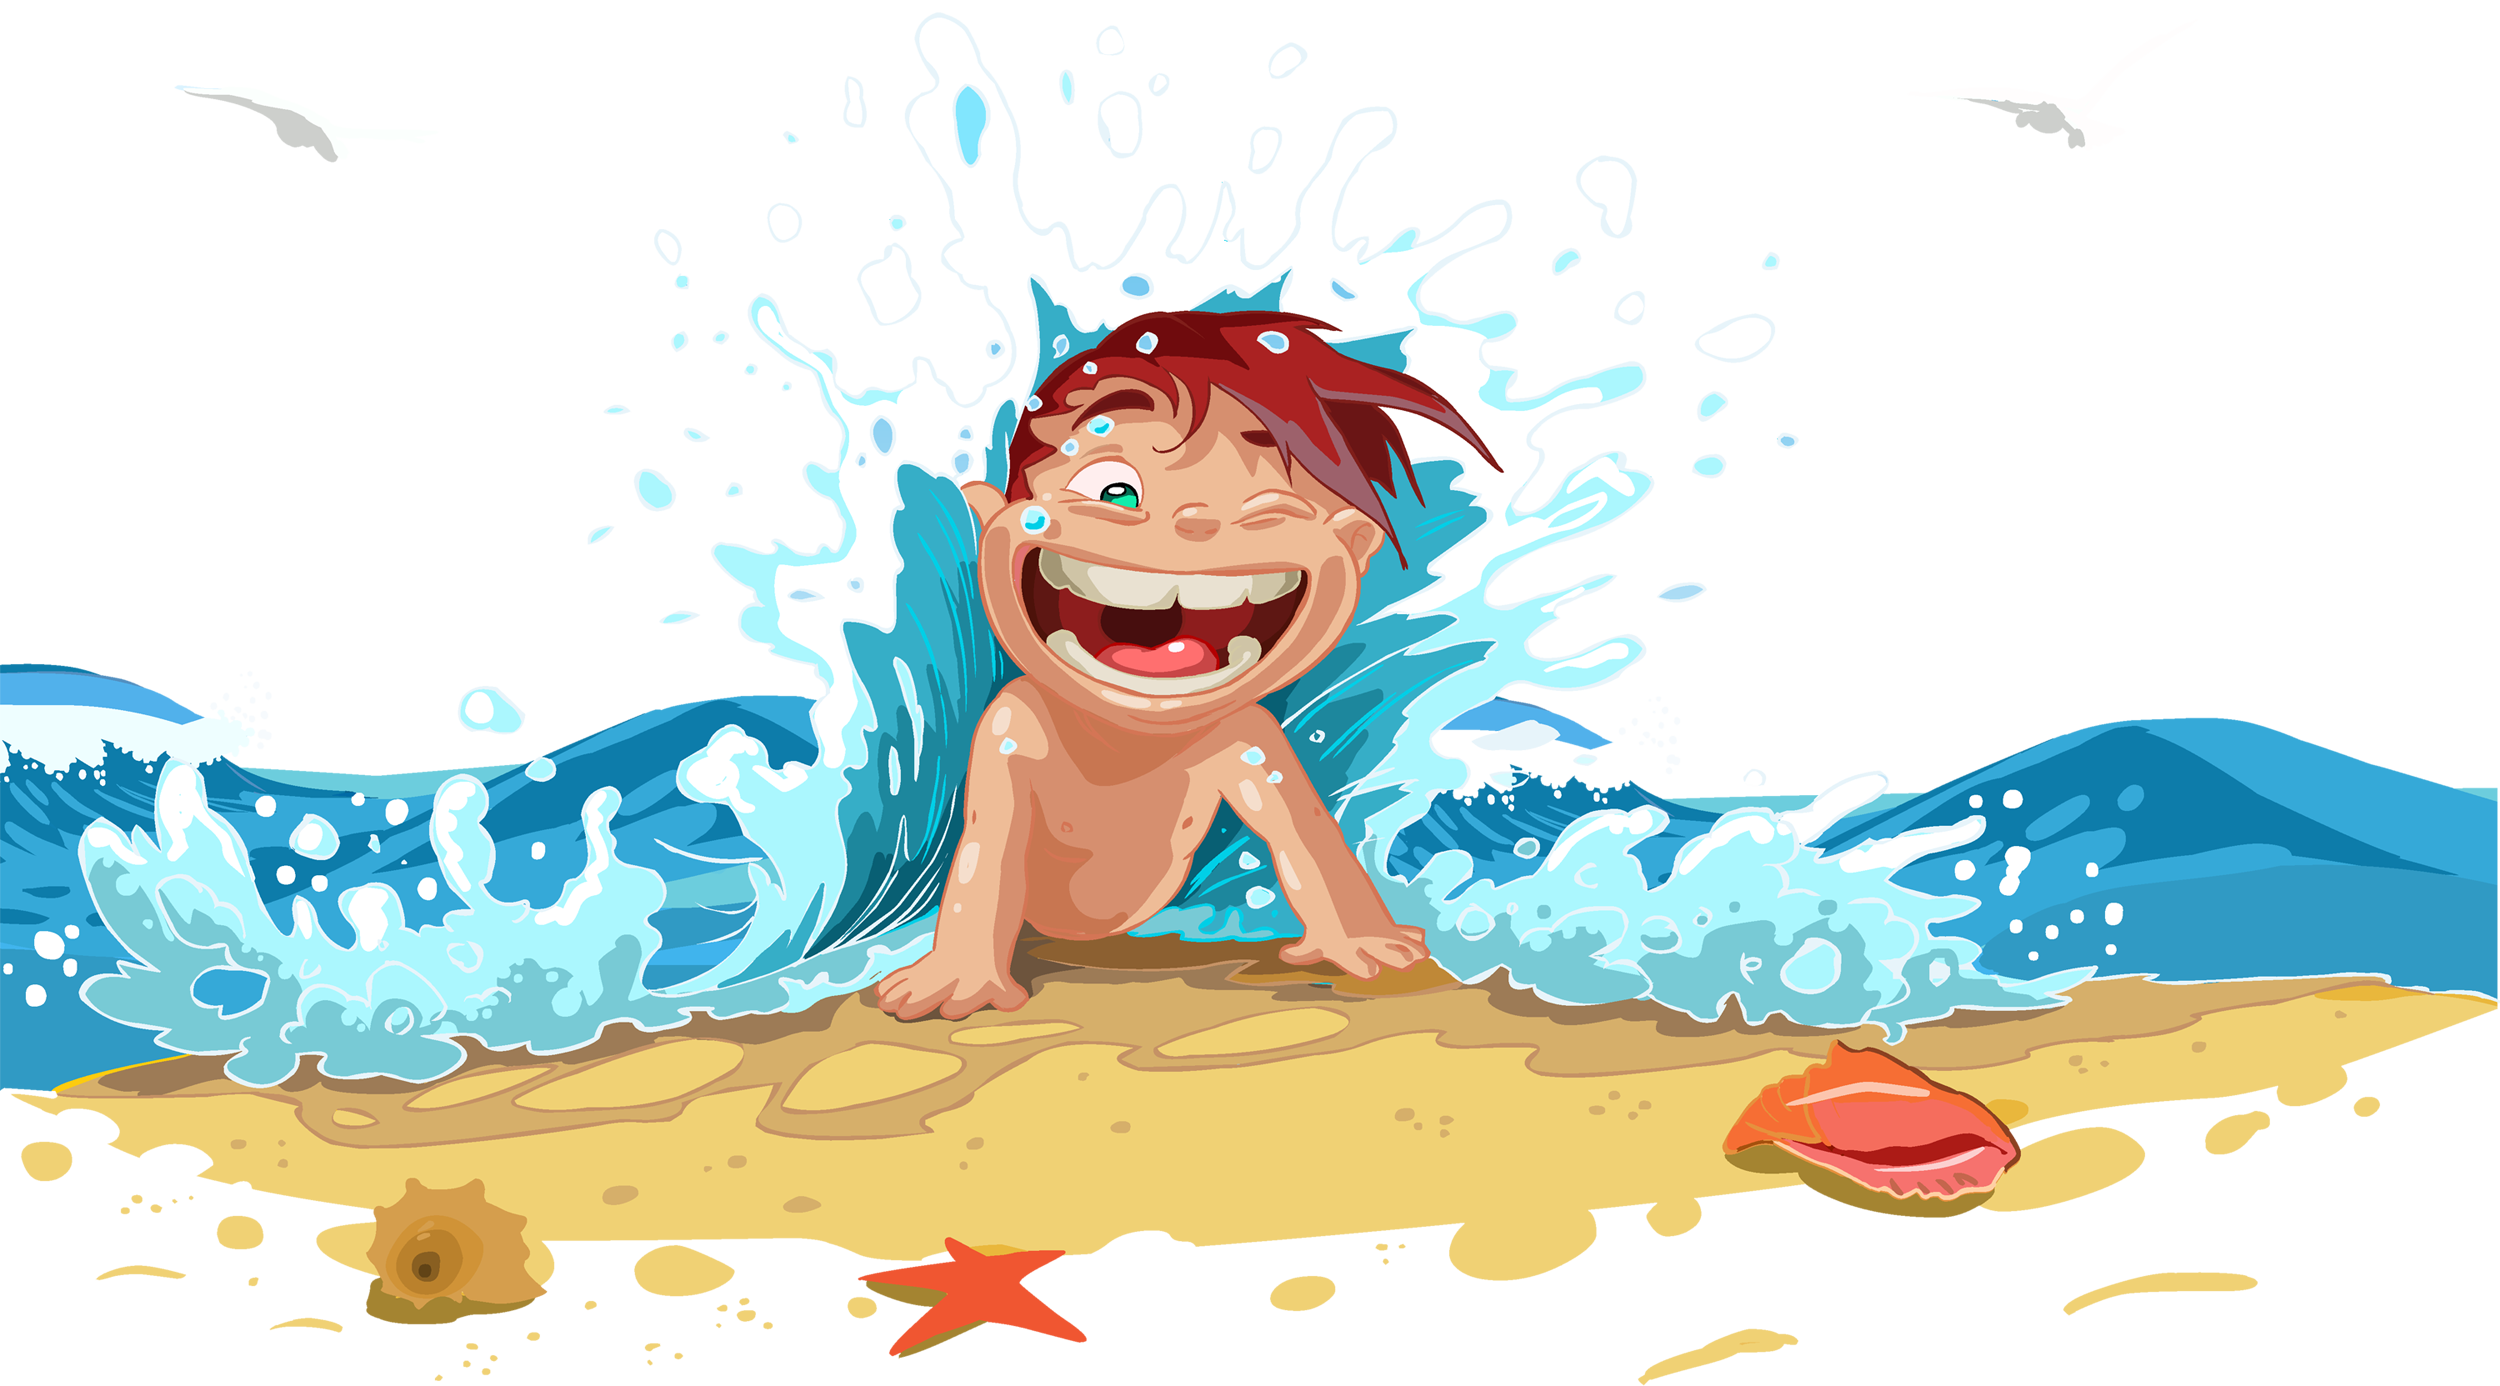 картинки мультяшек в воде тыква титан